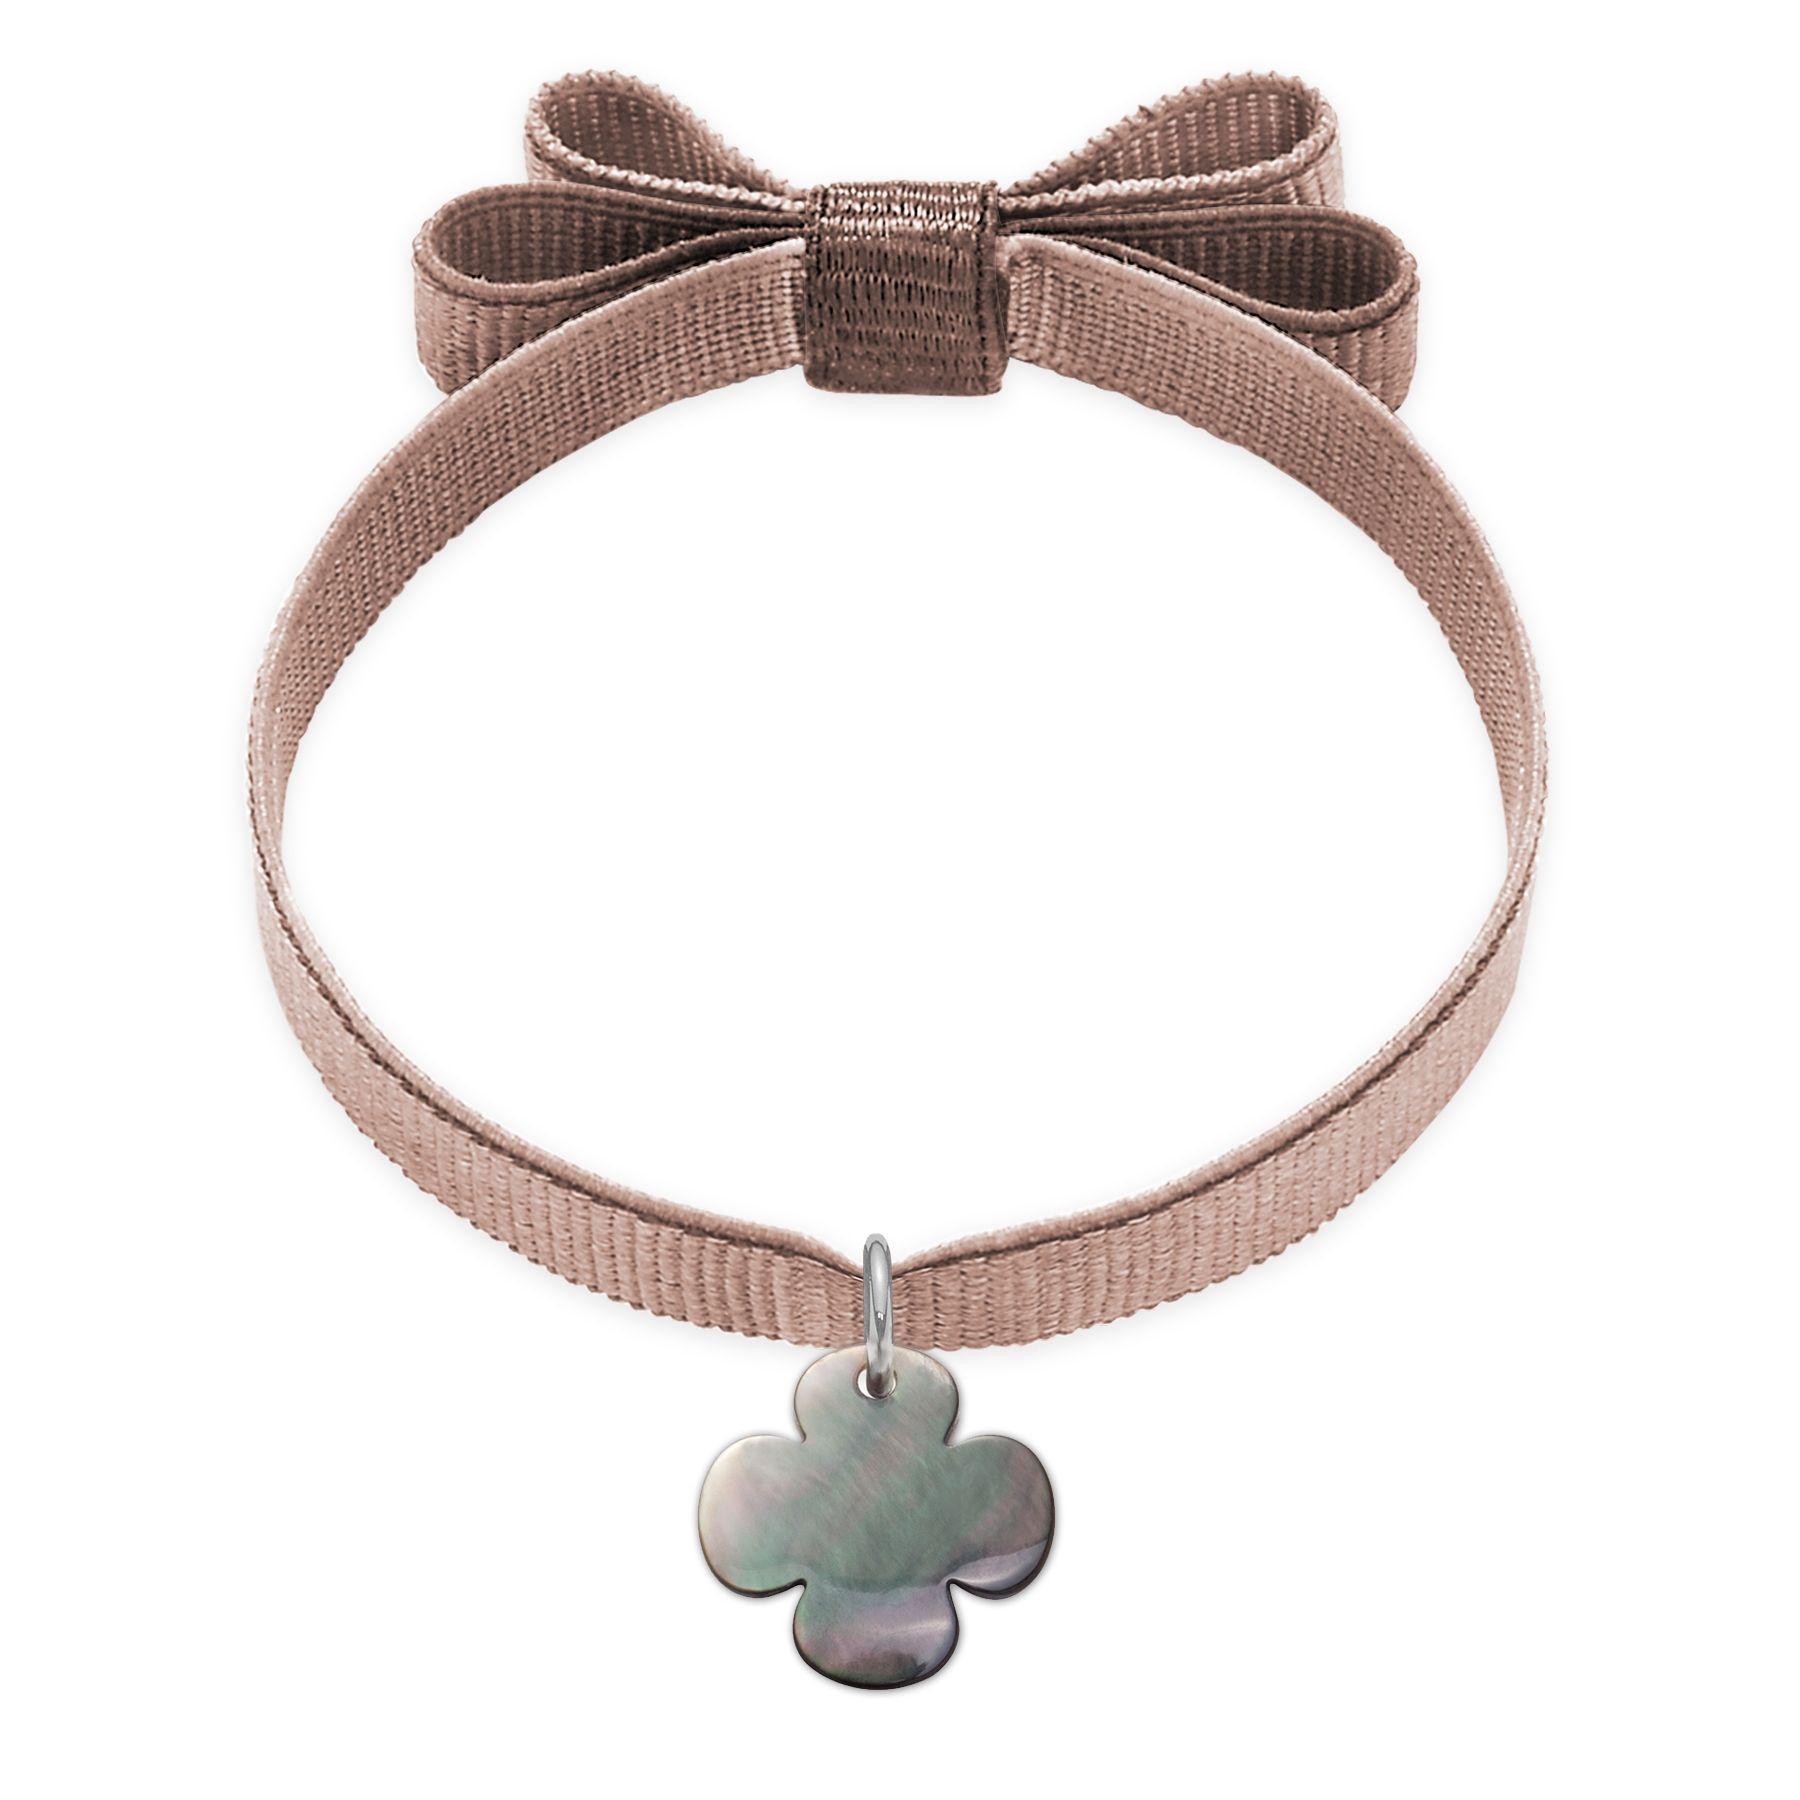 Bransoletka z okrągłą koniczynką z ciemnej masy perłowej na beżowej wstążce z podwójną kokardką